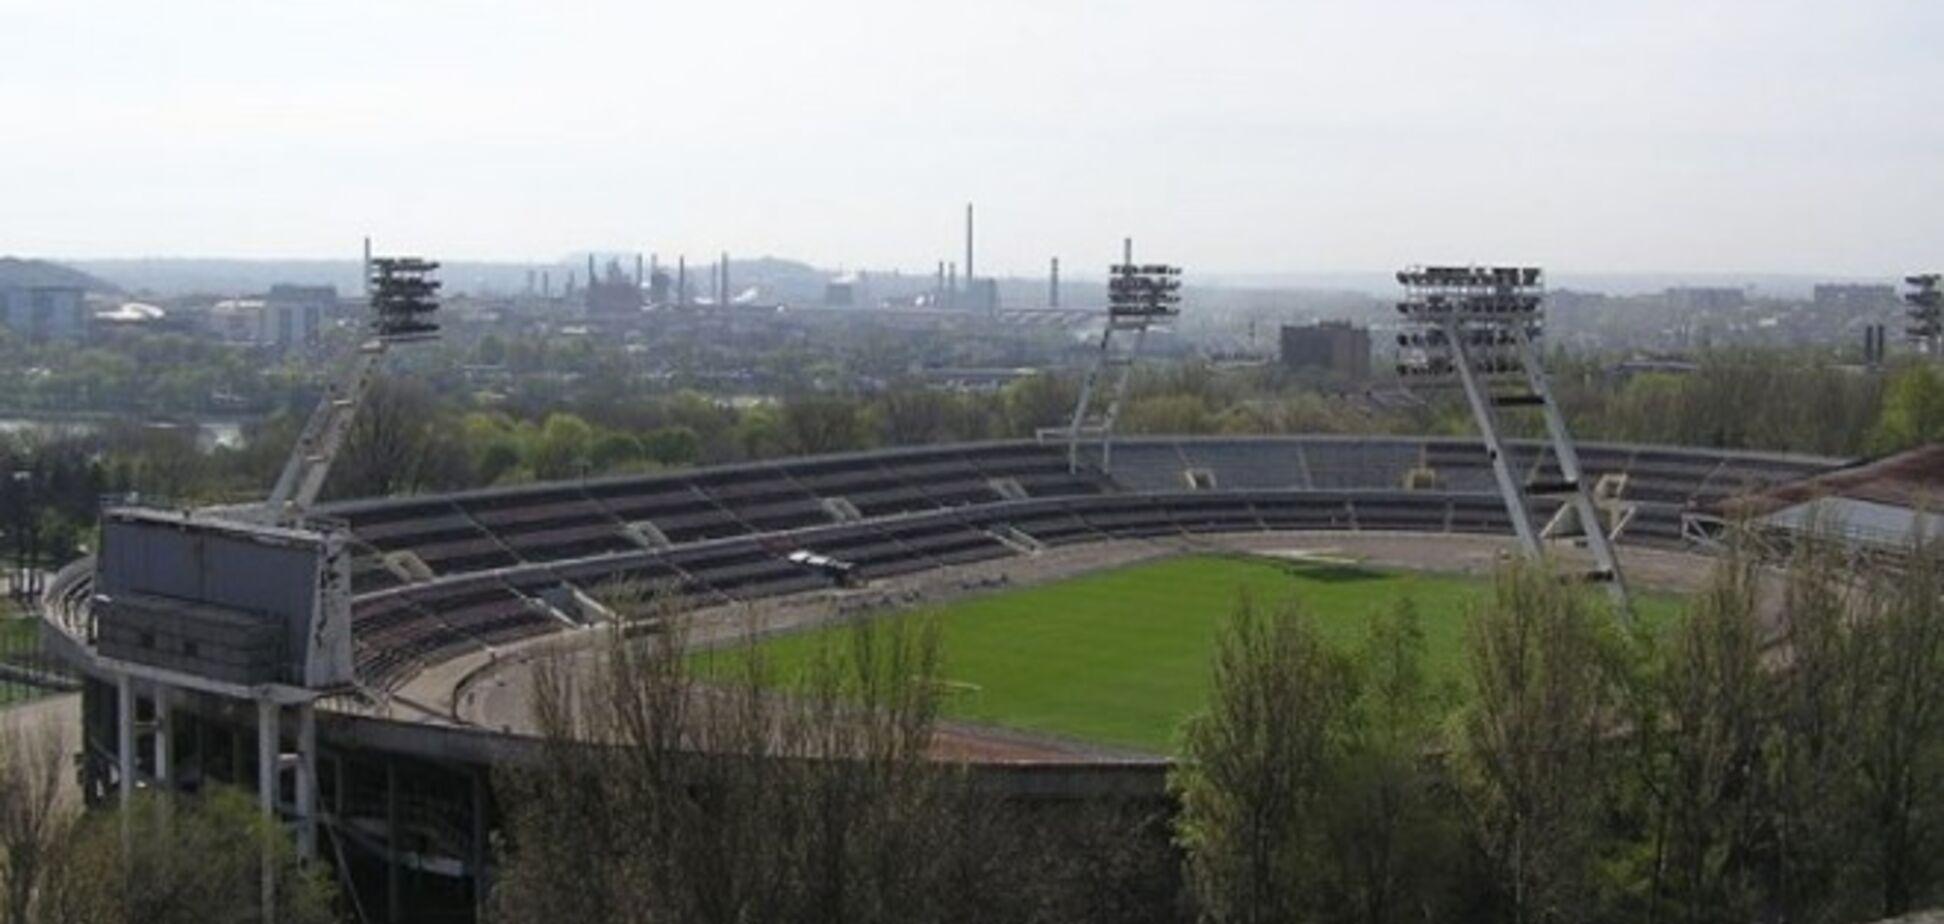 Пособники террористов пытаются захватить стадион 'Шахтер' в Донецке